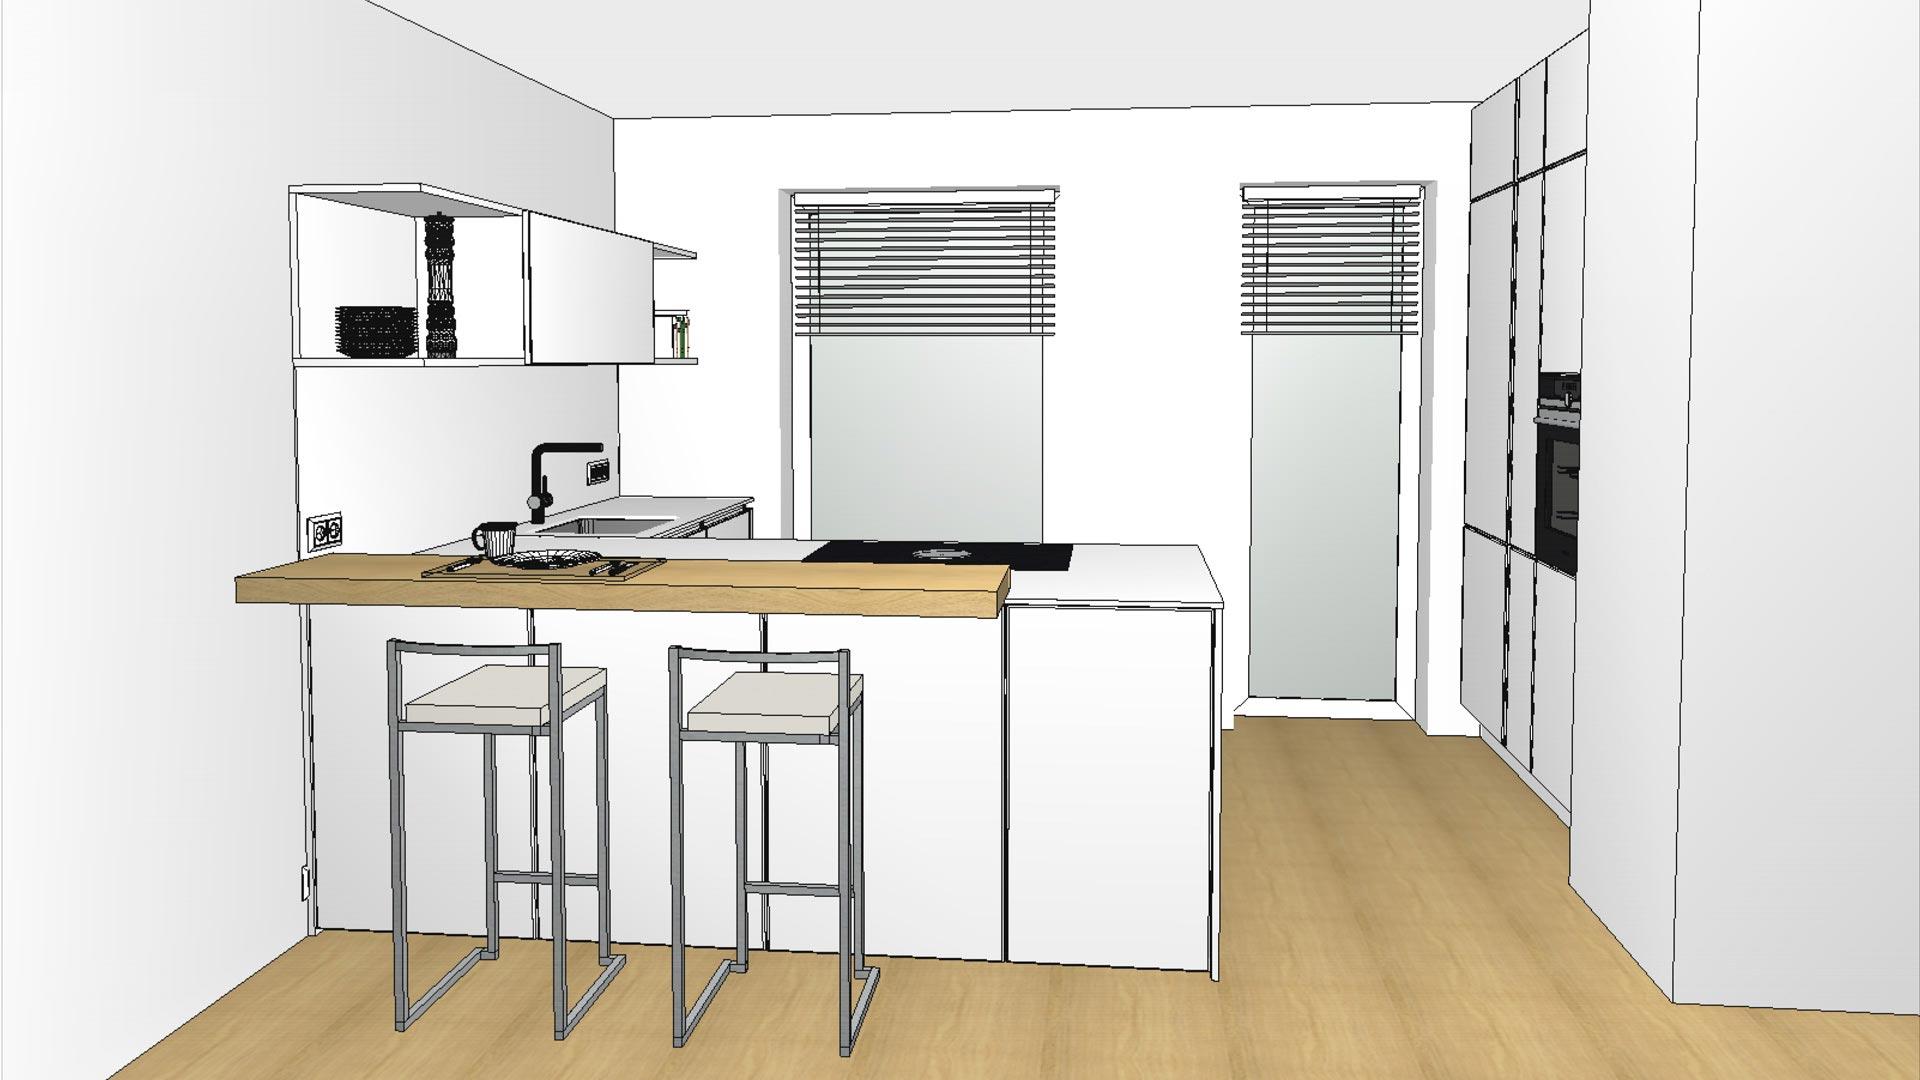 Persönliche Beratung und 3D-Planung für Ihre Traumküche im Küchenstudio Ebner & Spuller in Graz